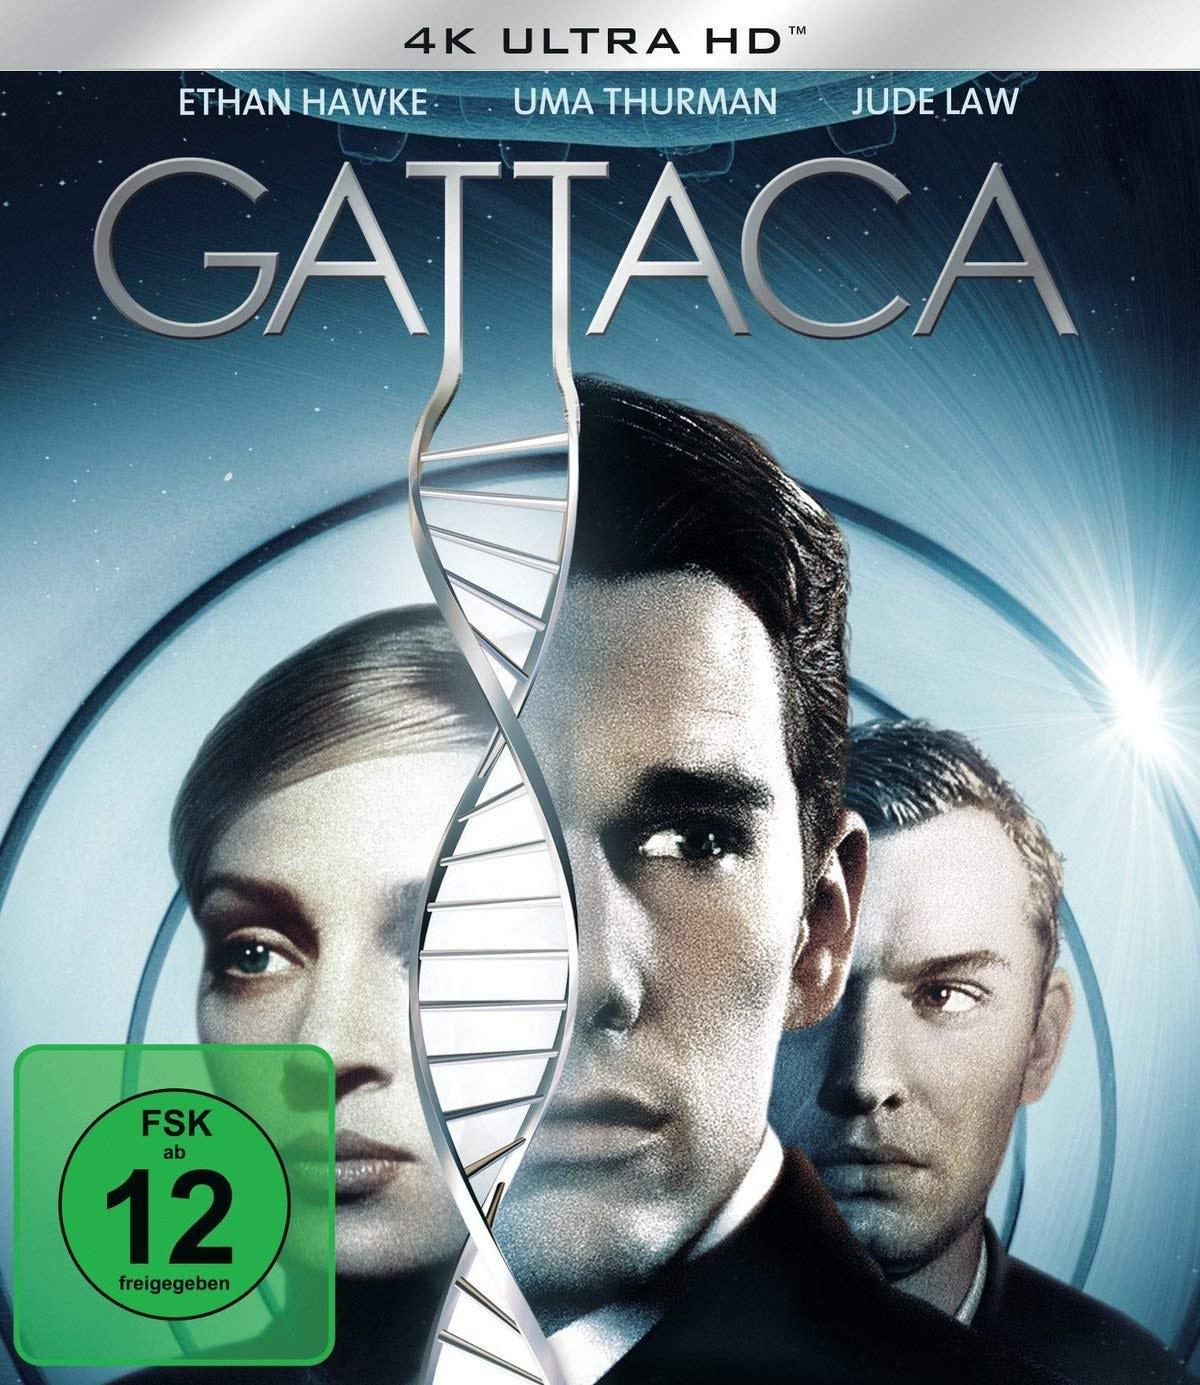 Gattaca 4k UHD Blu-ray (Vorbestellung)